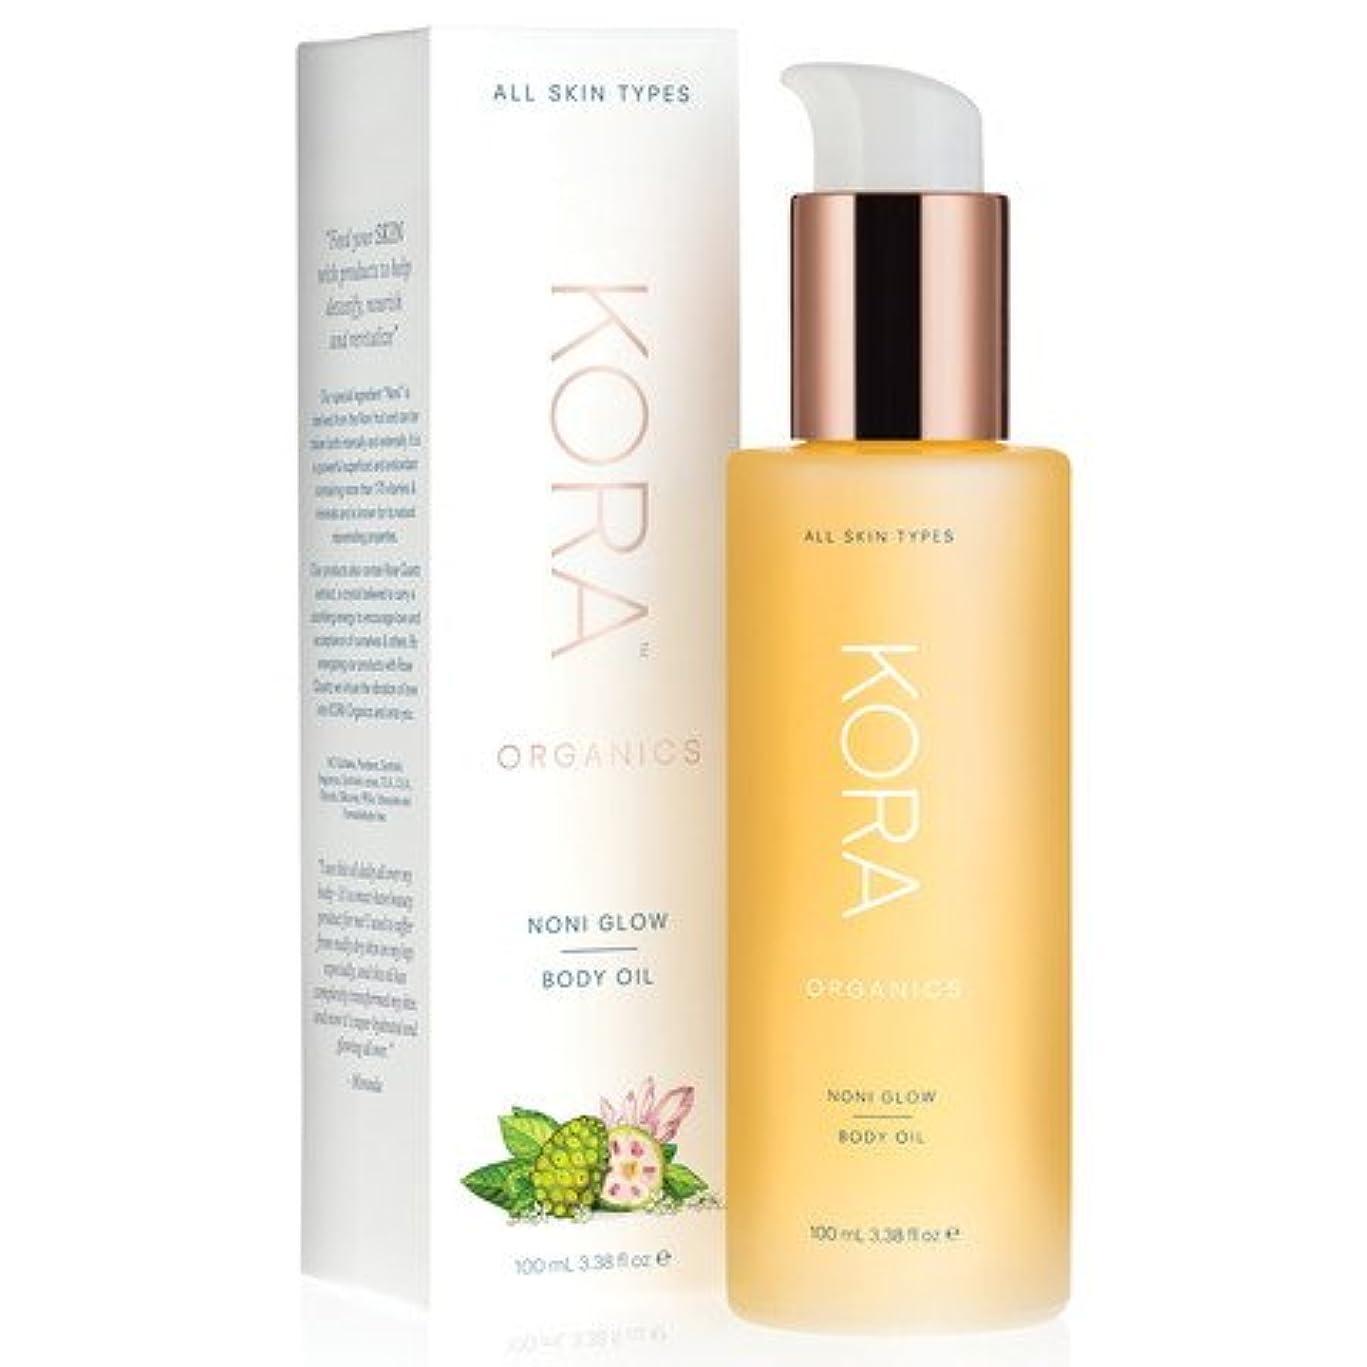 水没キャンバスずるい[Kora Organics]ノニ グロー Bodyオイル(全身用?ボディオイル )[Noni Glow Body Oil][海外直送品]